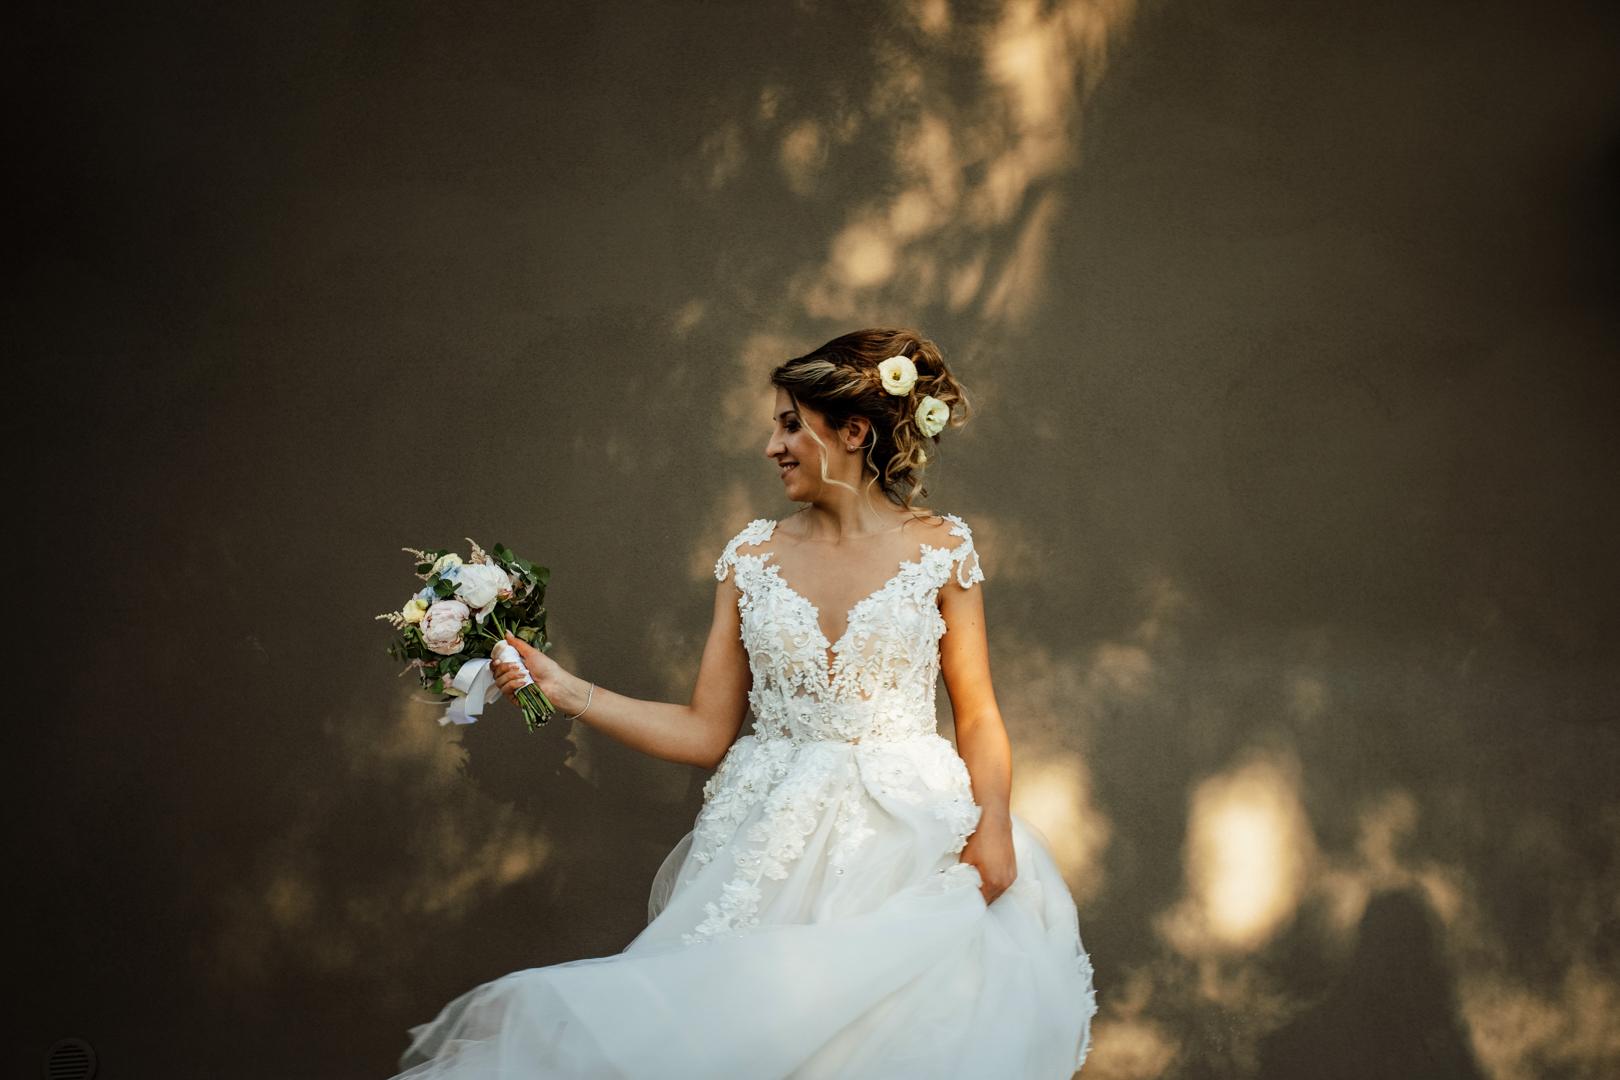 40 gianni-lepore-bride-bouquet-dress